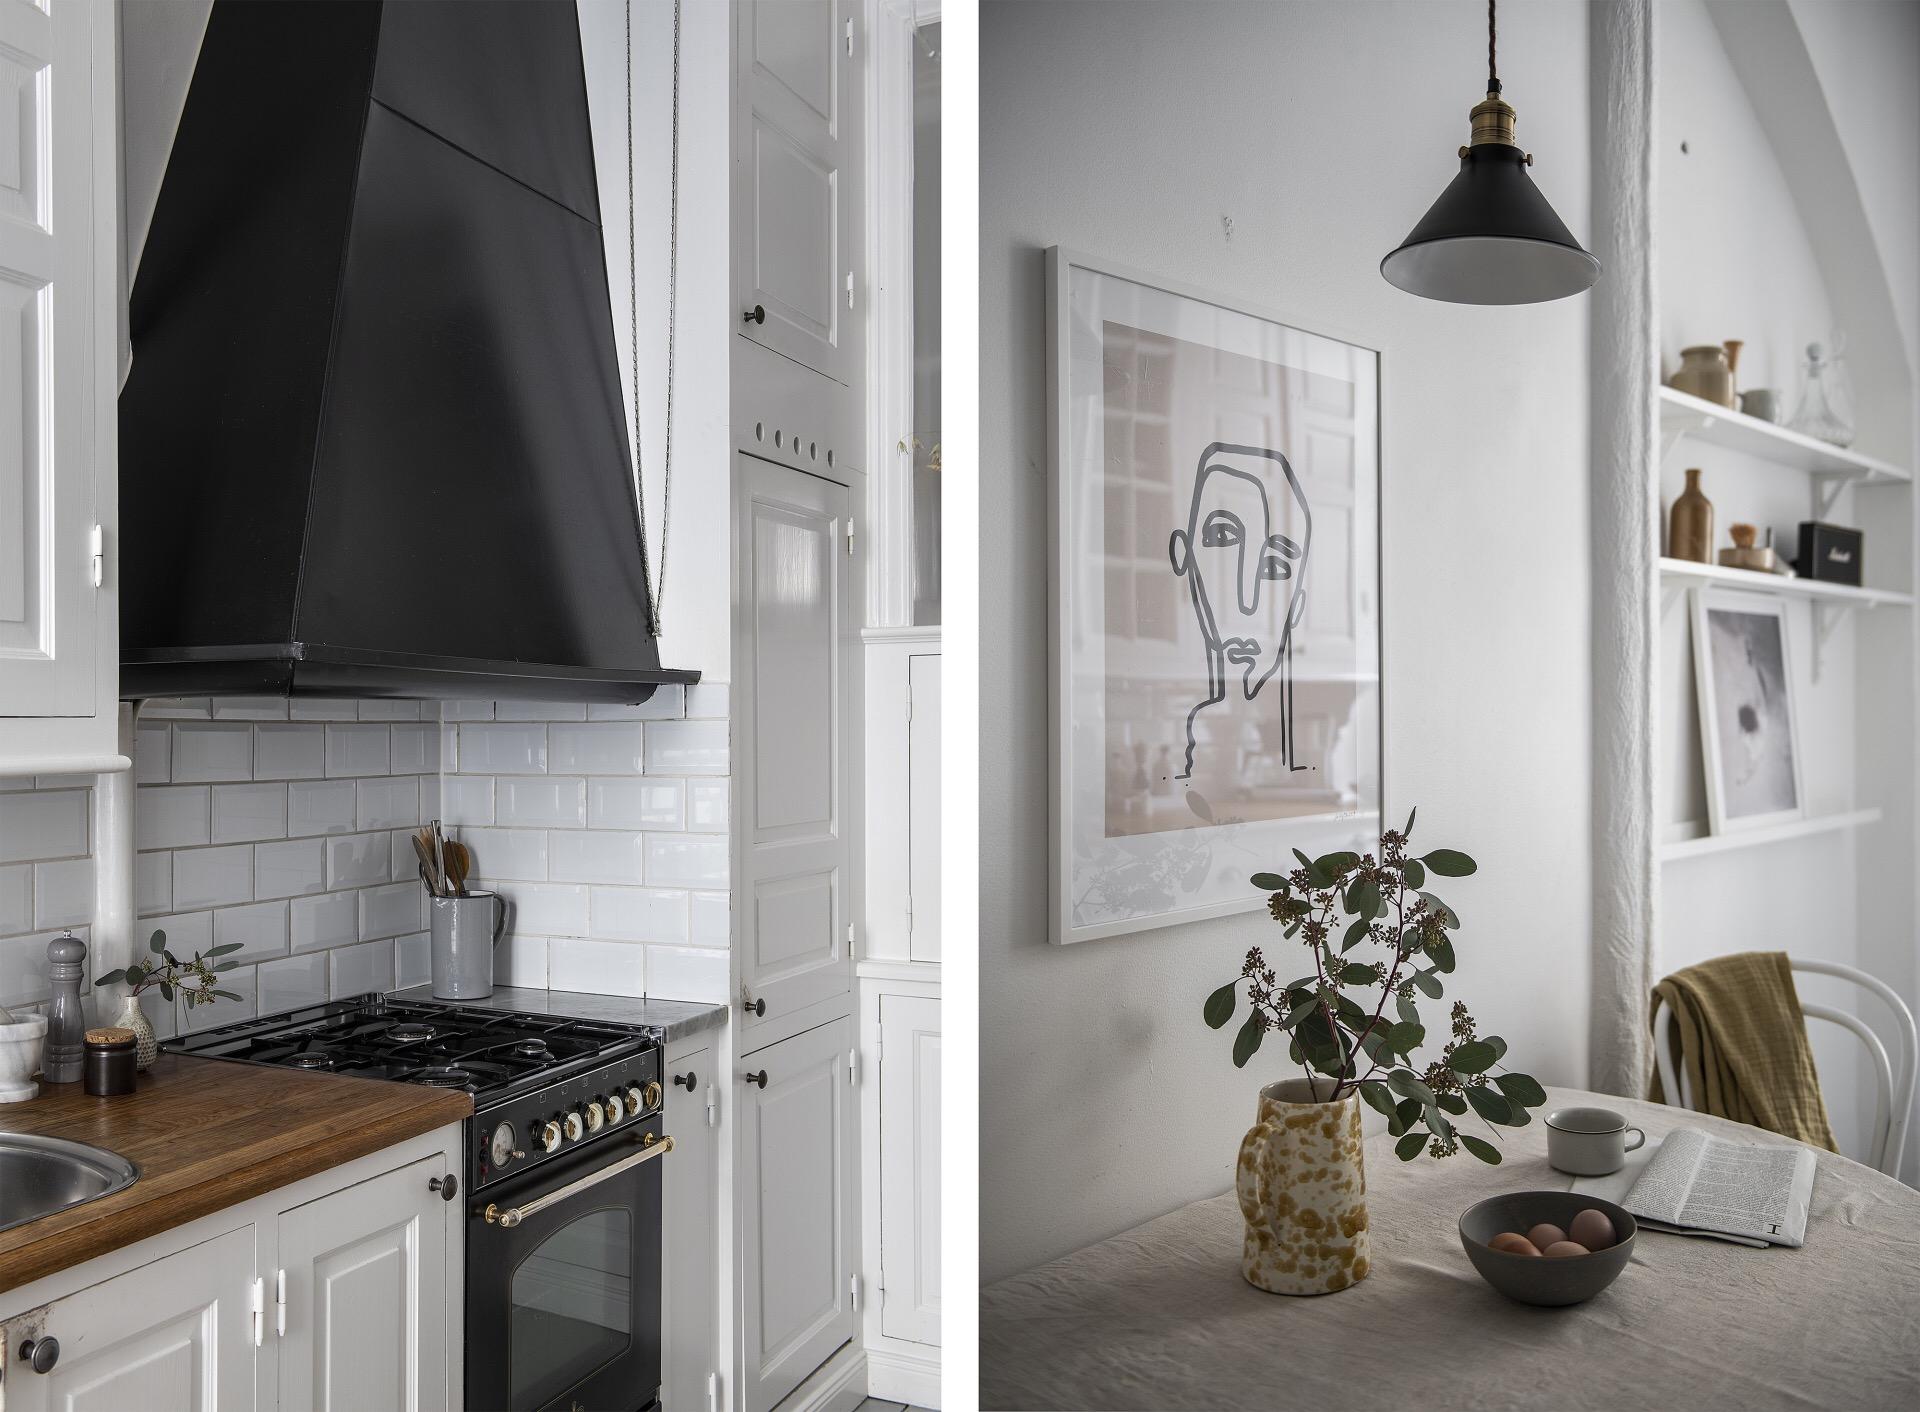 черная кухонная плита вытяжка